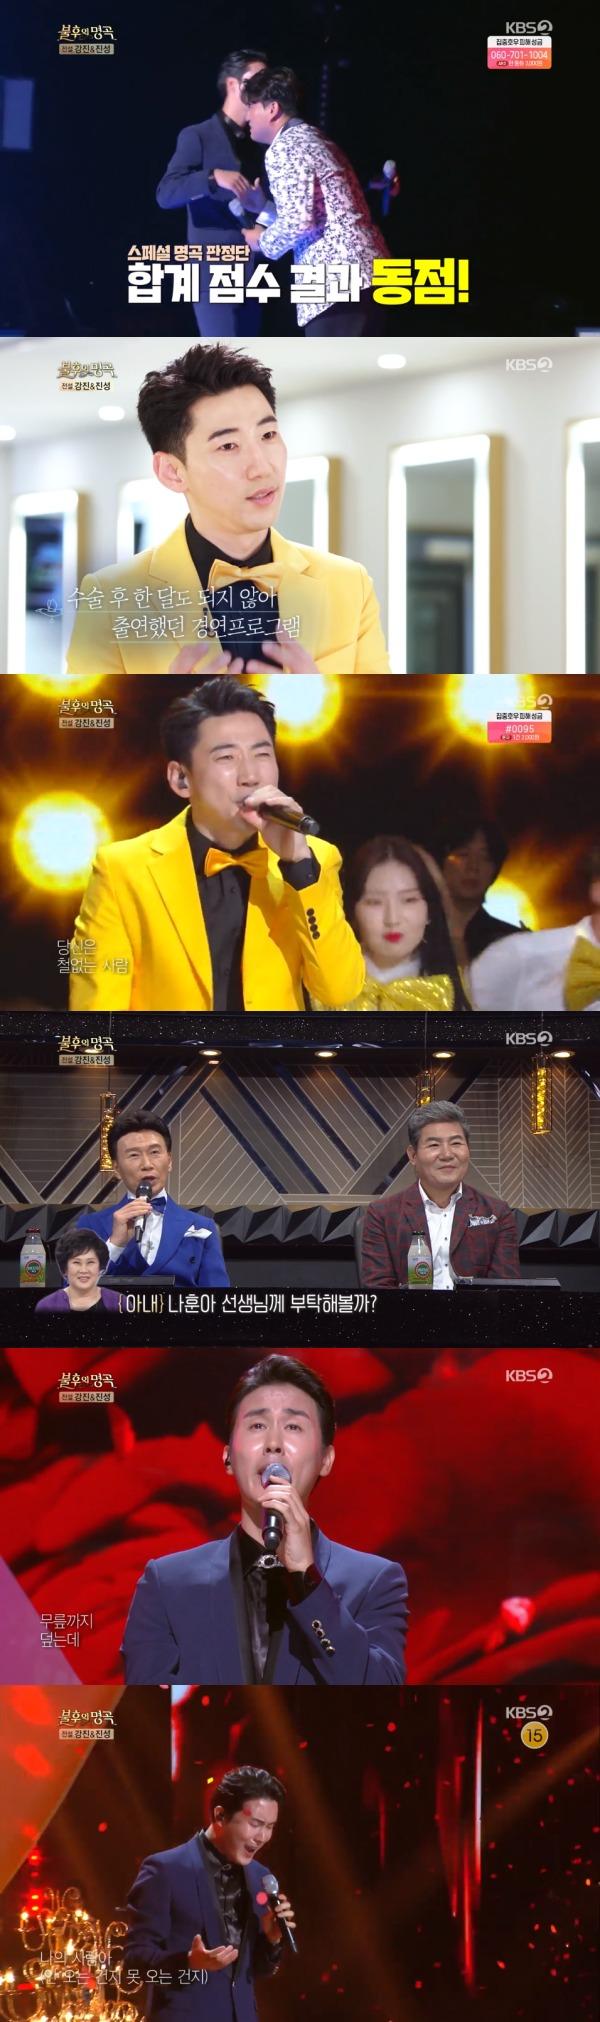 '불후' 김호중vs신유, 우열 가리기 힘든 무대로 '동점'